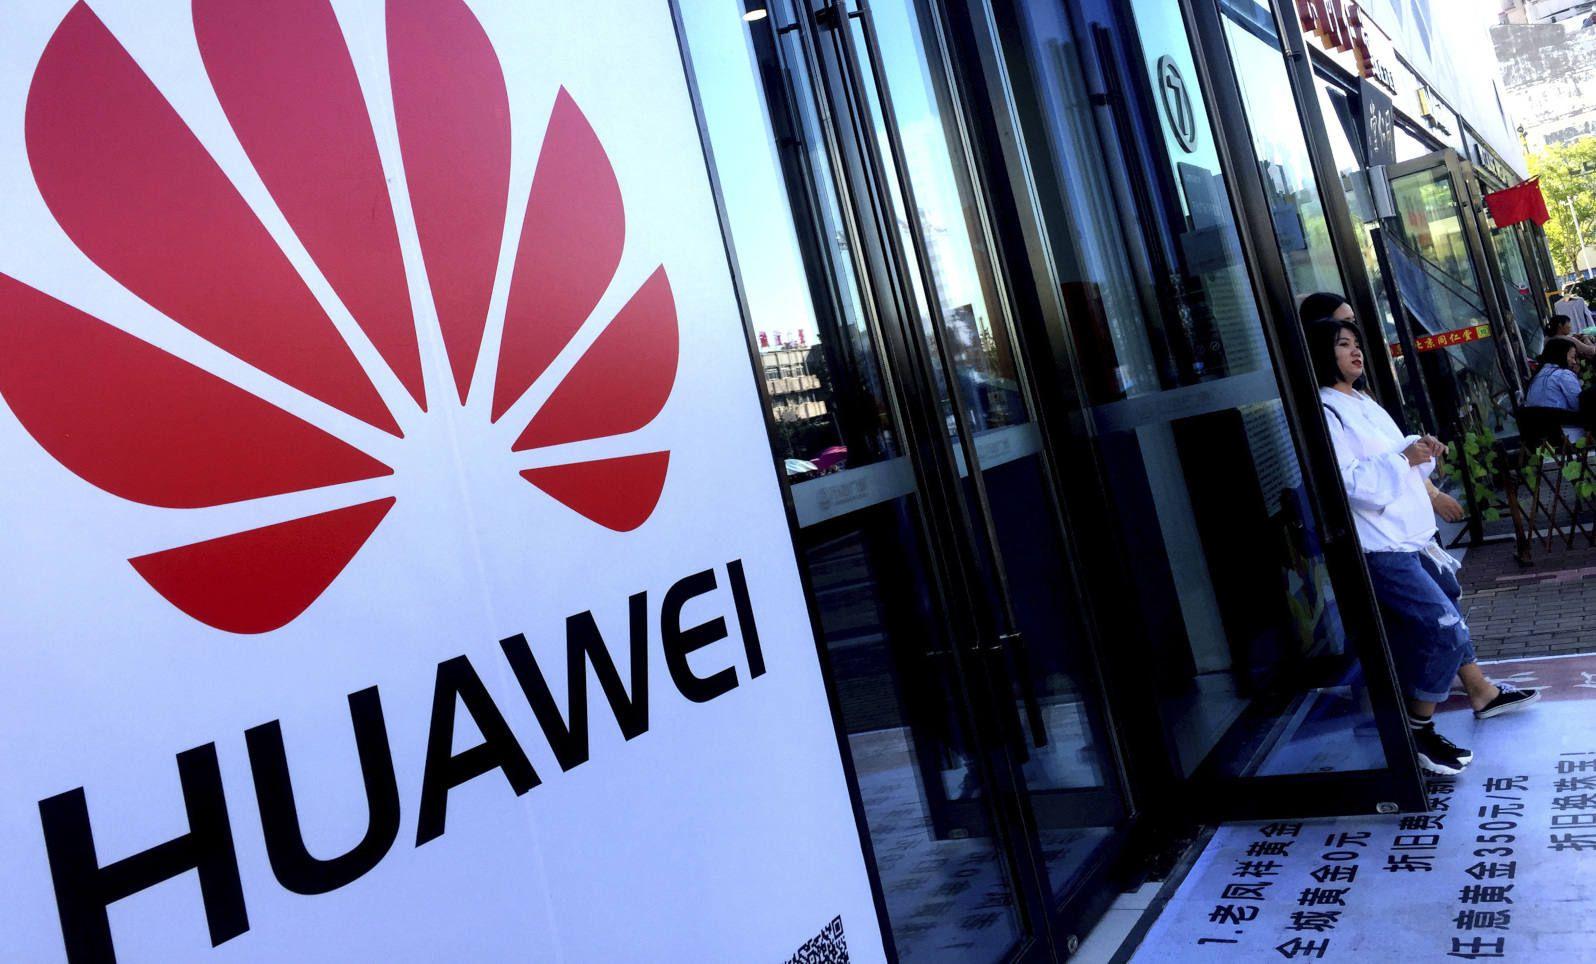 Mỹ cấm vận, Huawei vẫn bán điện thoại tốt hơn năm ngoái - 1